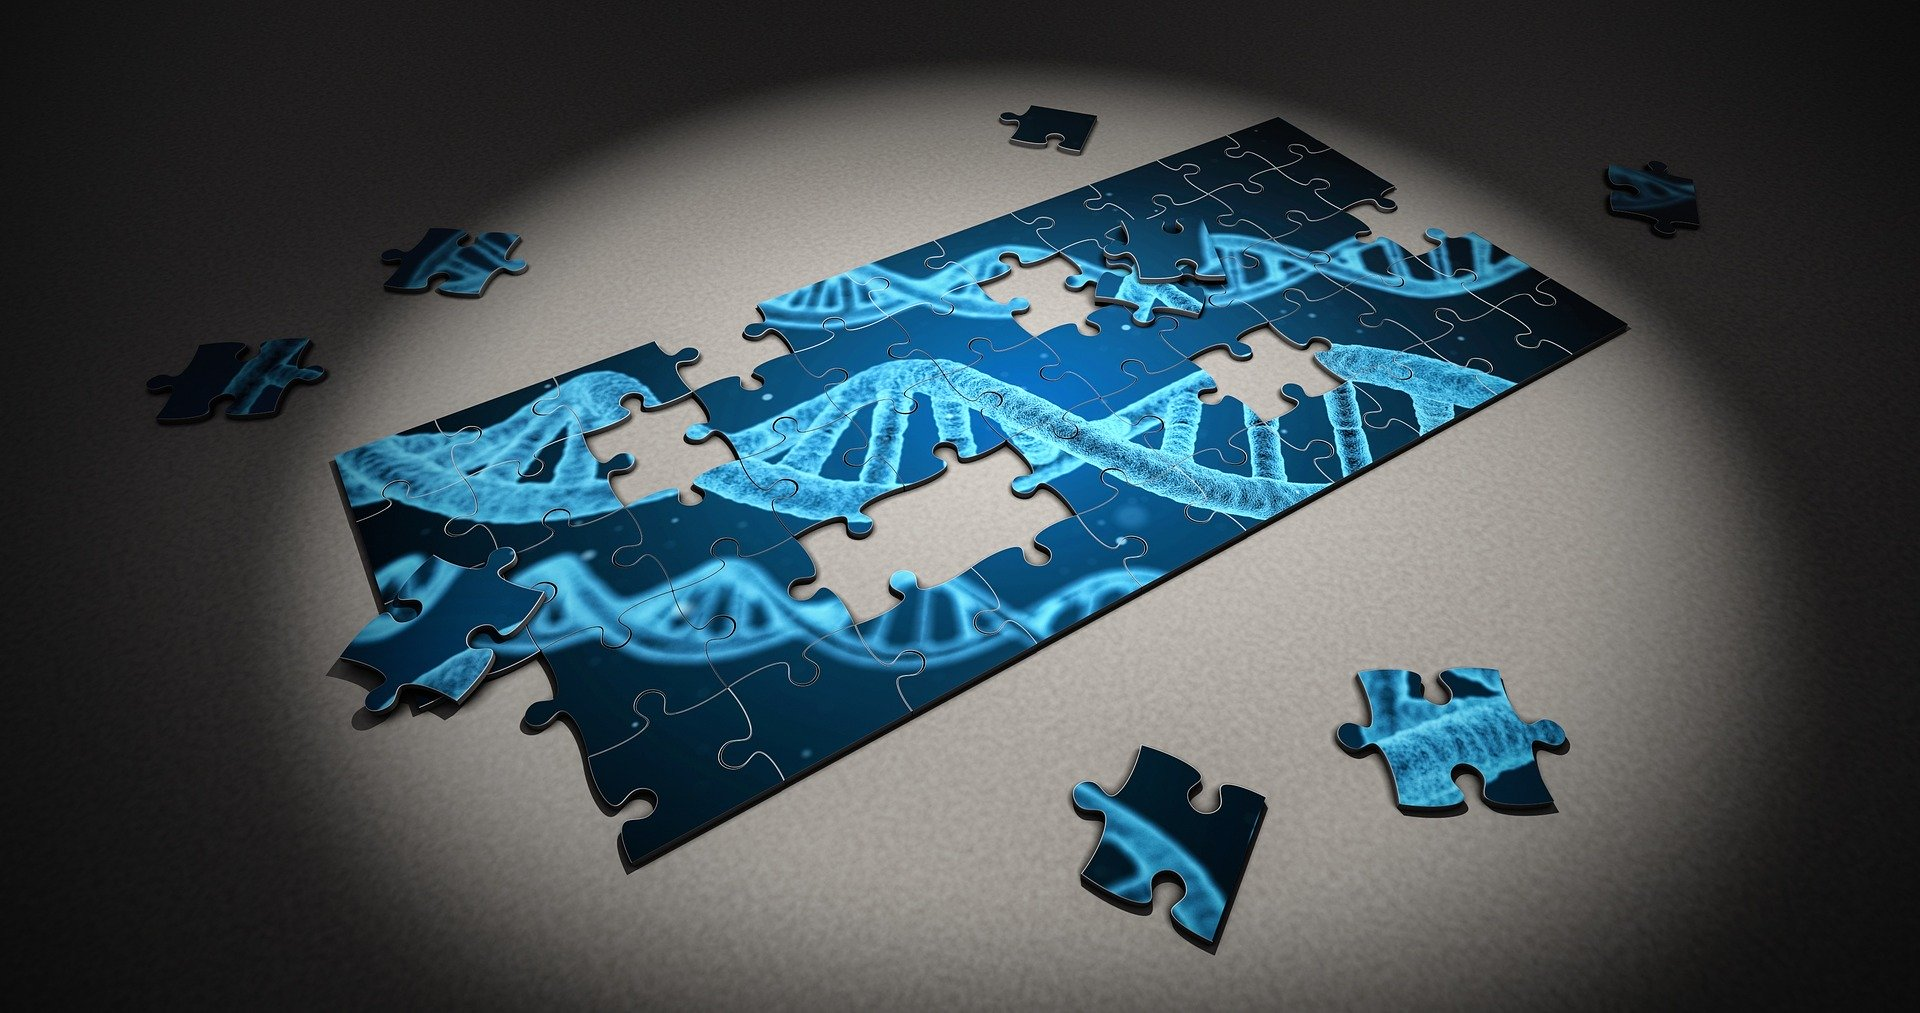 puzzle-2500333_1920